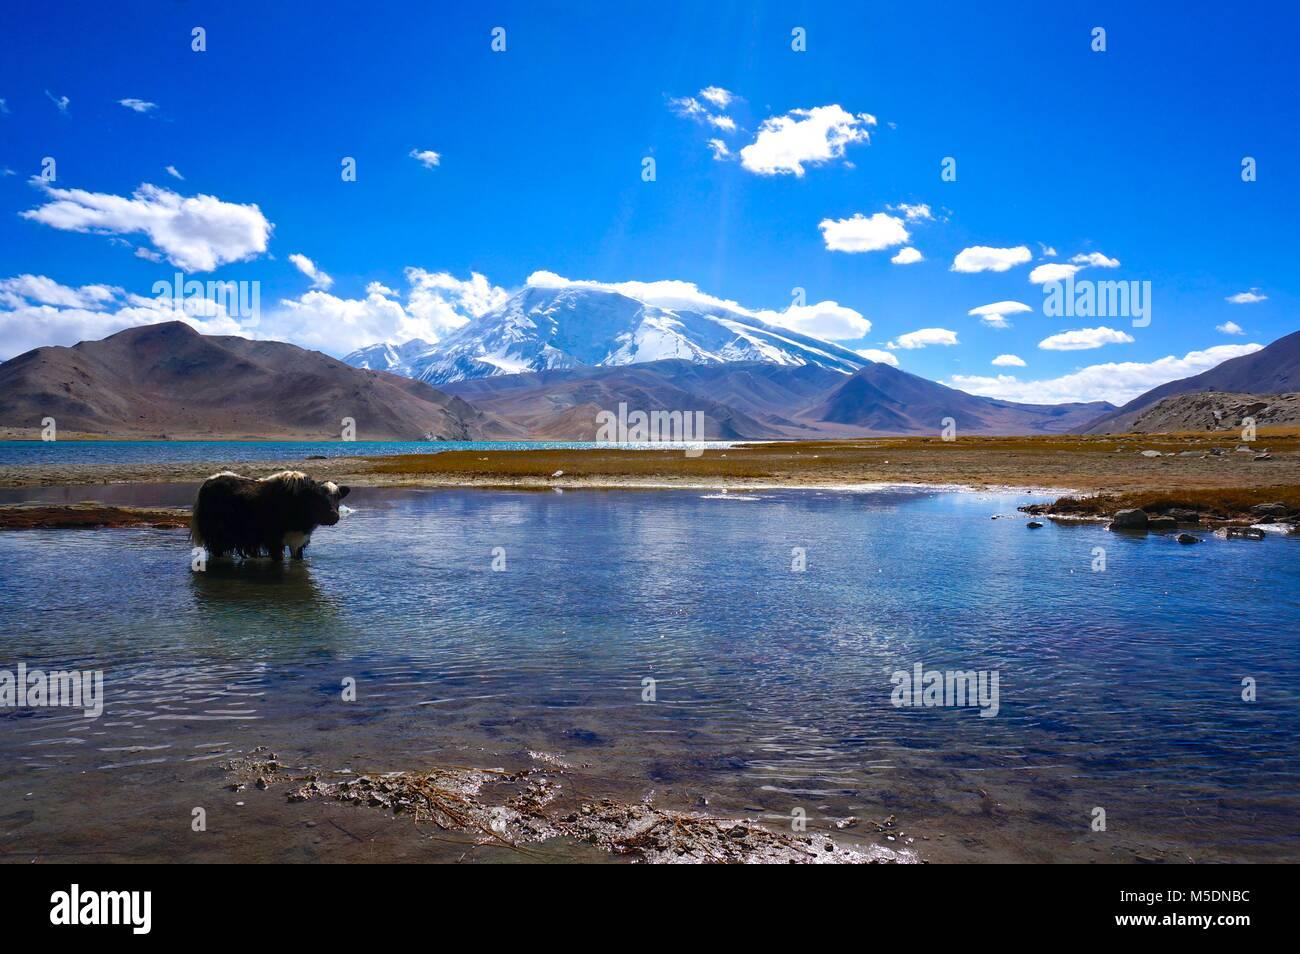 Lake Karakul on the Karakoram Highway, China - Stock Image